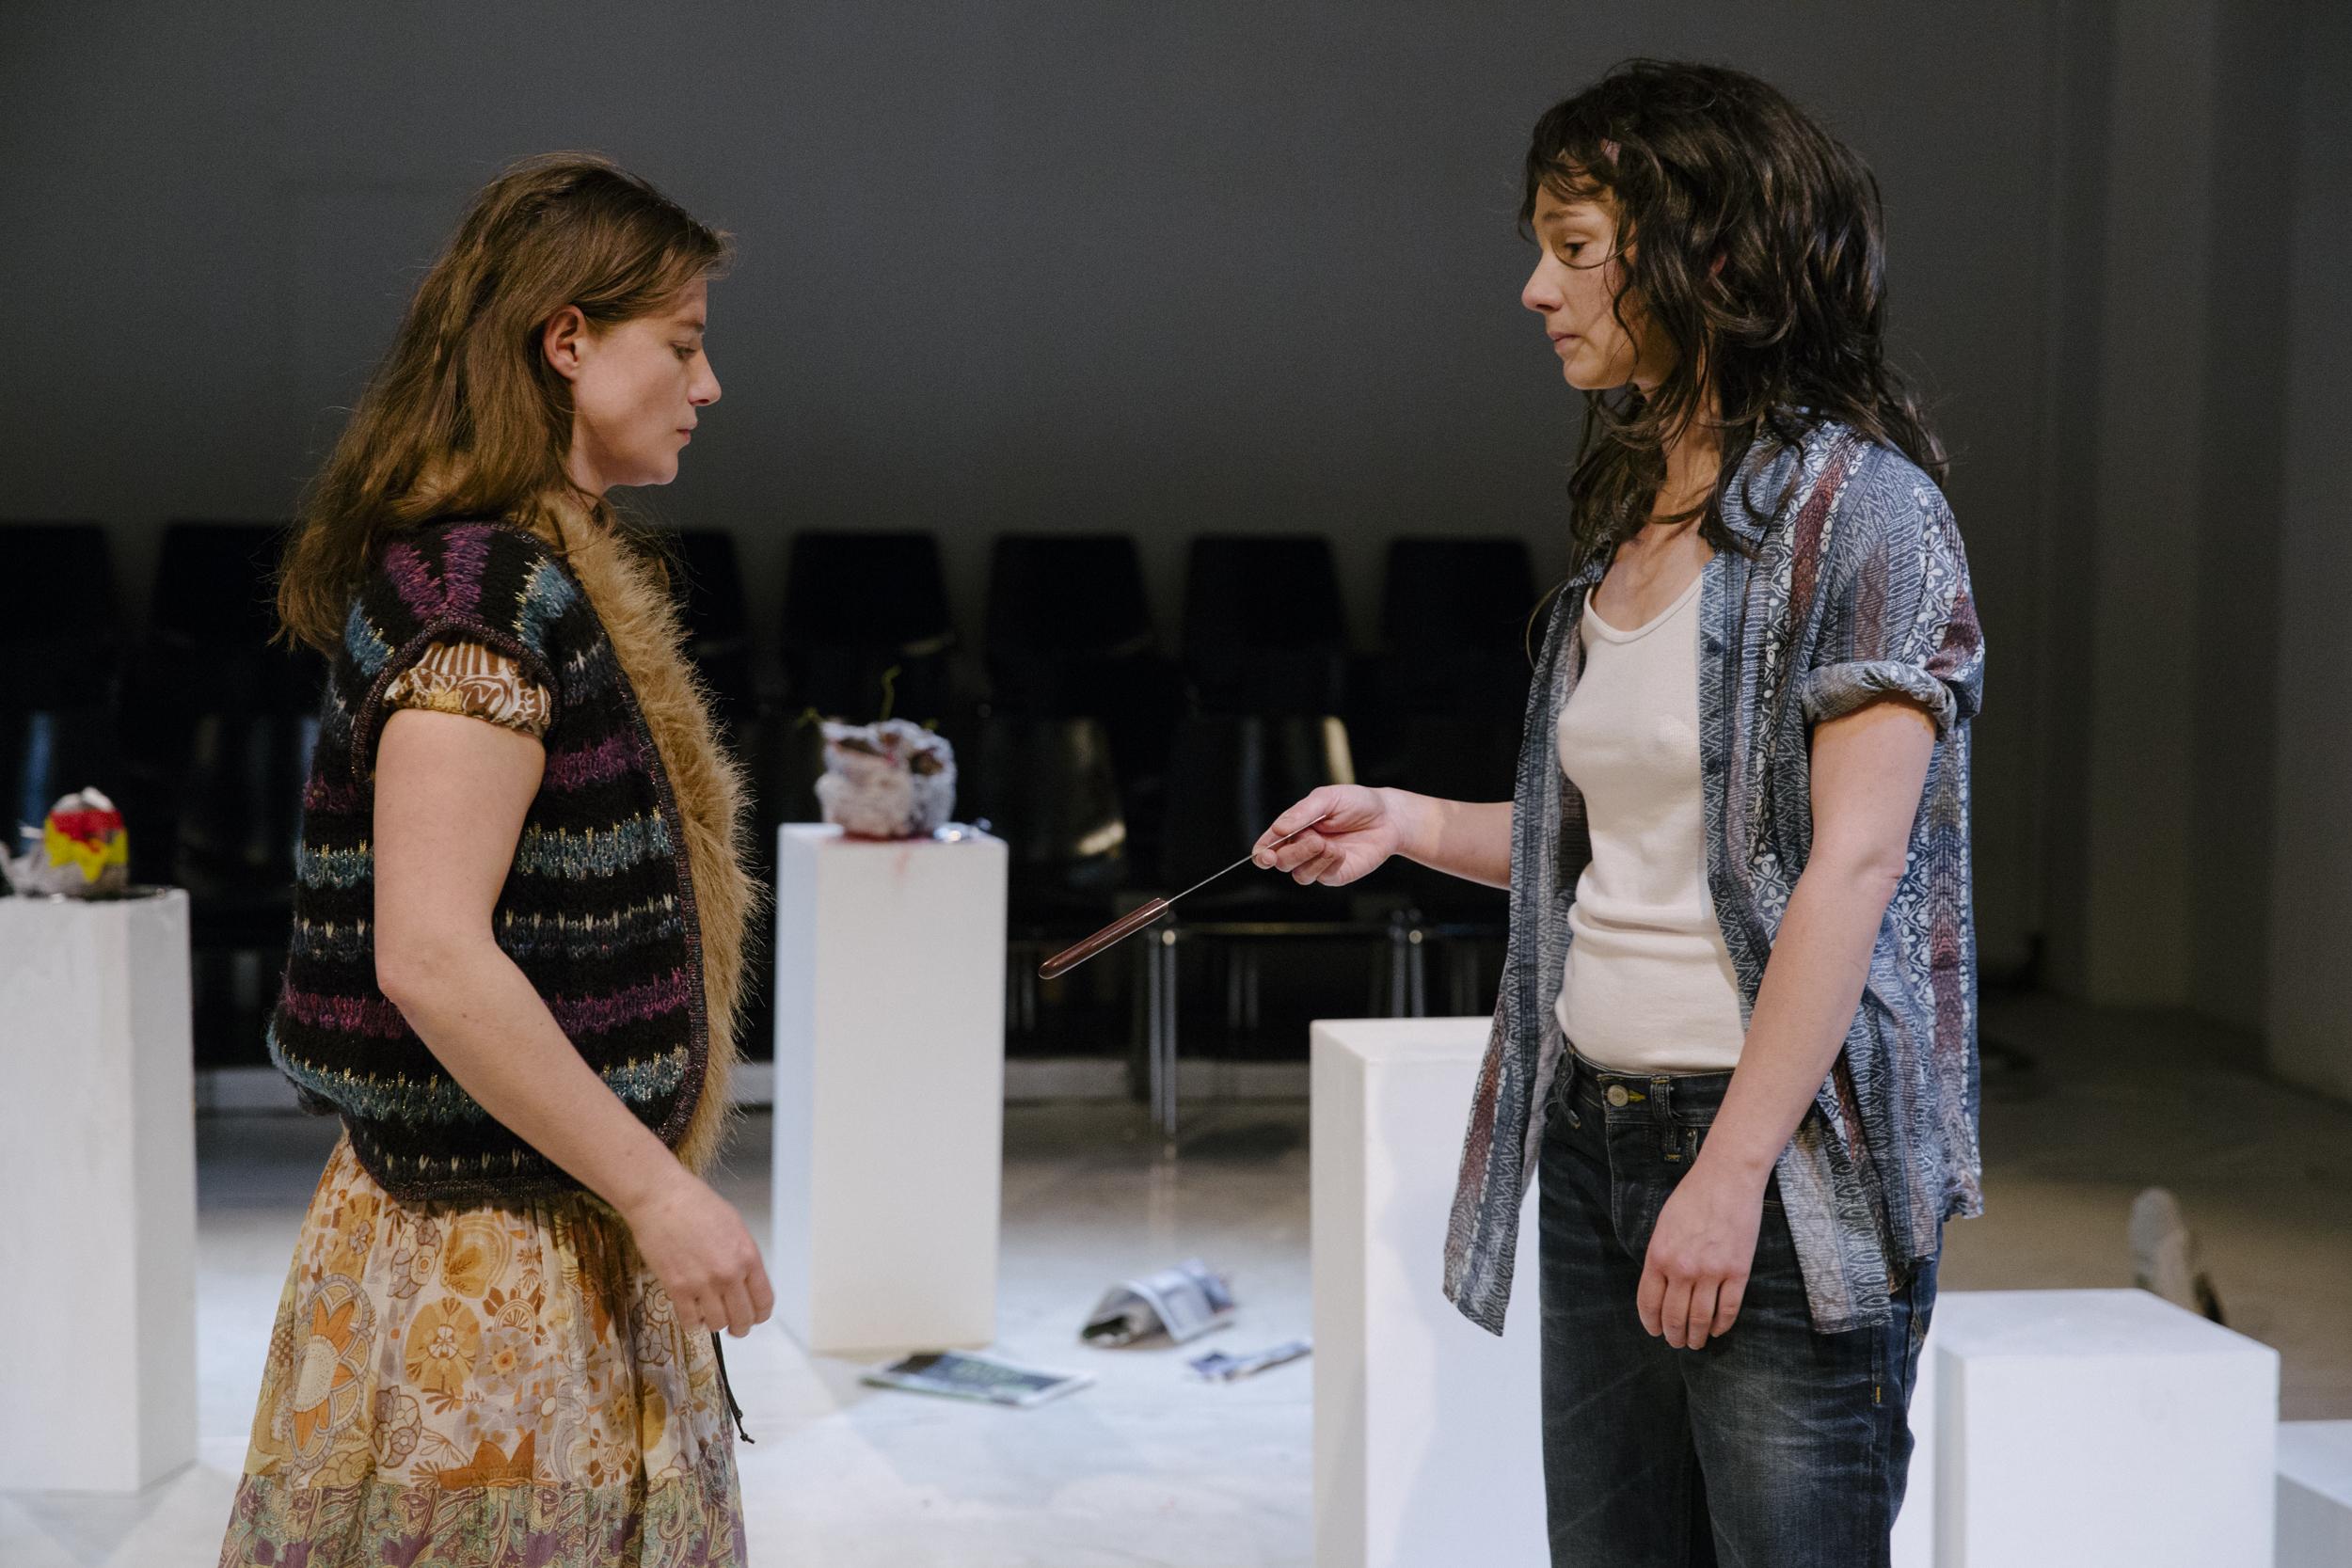 Michaela Schausberger und Hanna Binder © Nicole Viktorik